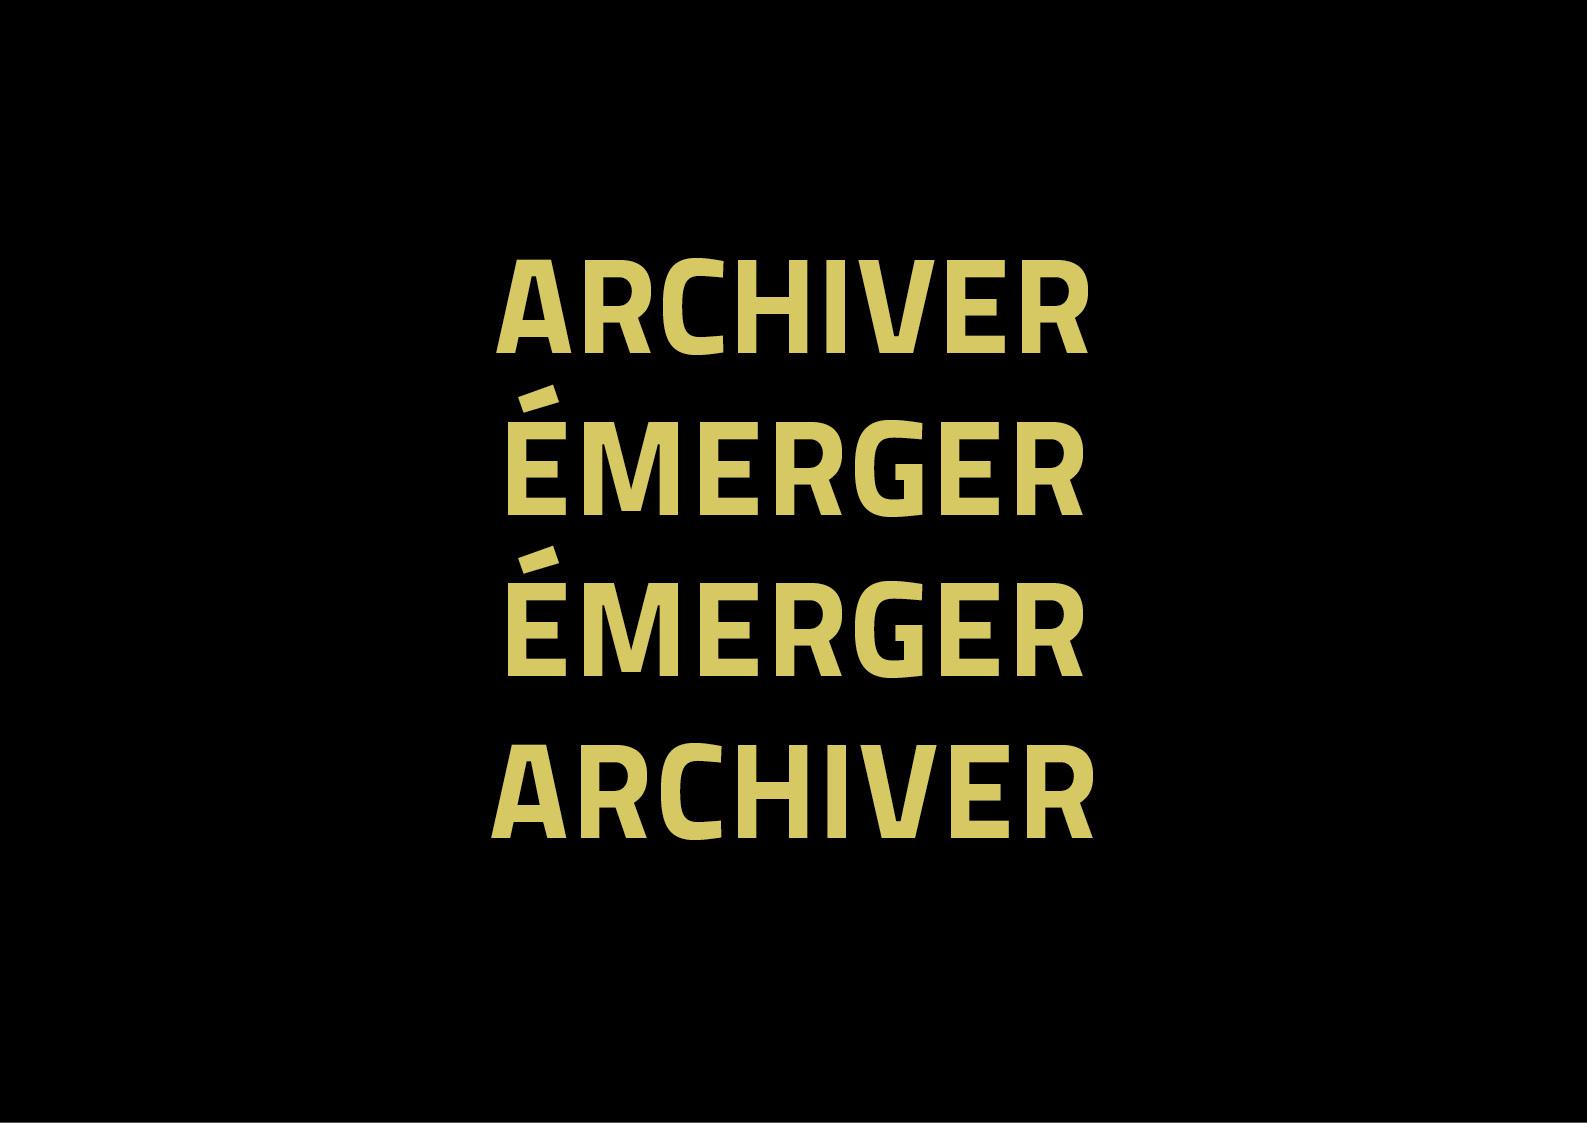 Archiver émerger